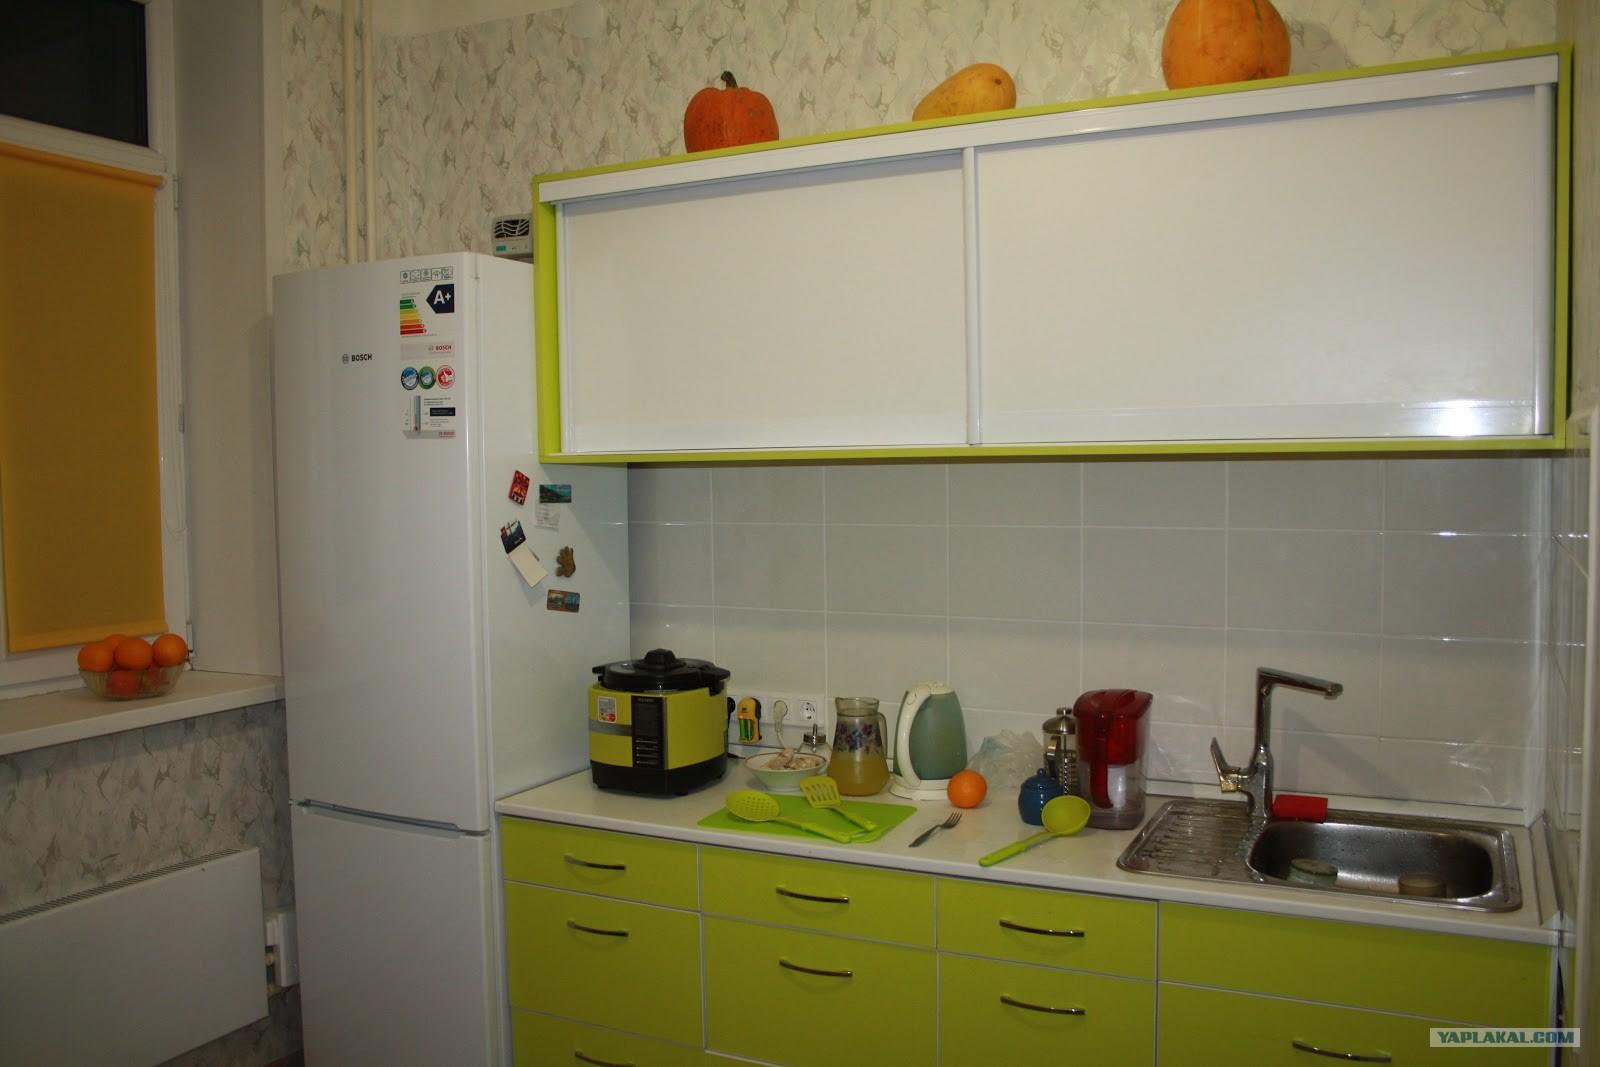 Фото как я делал ремонт в кухне